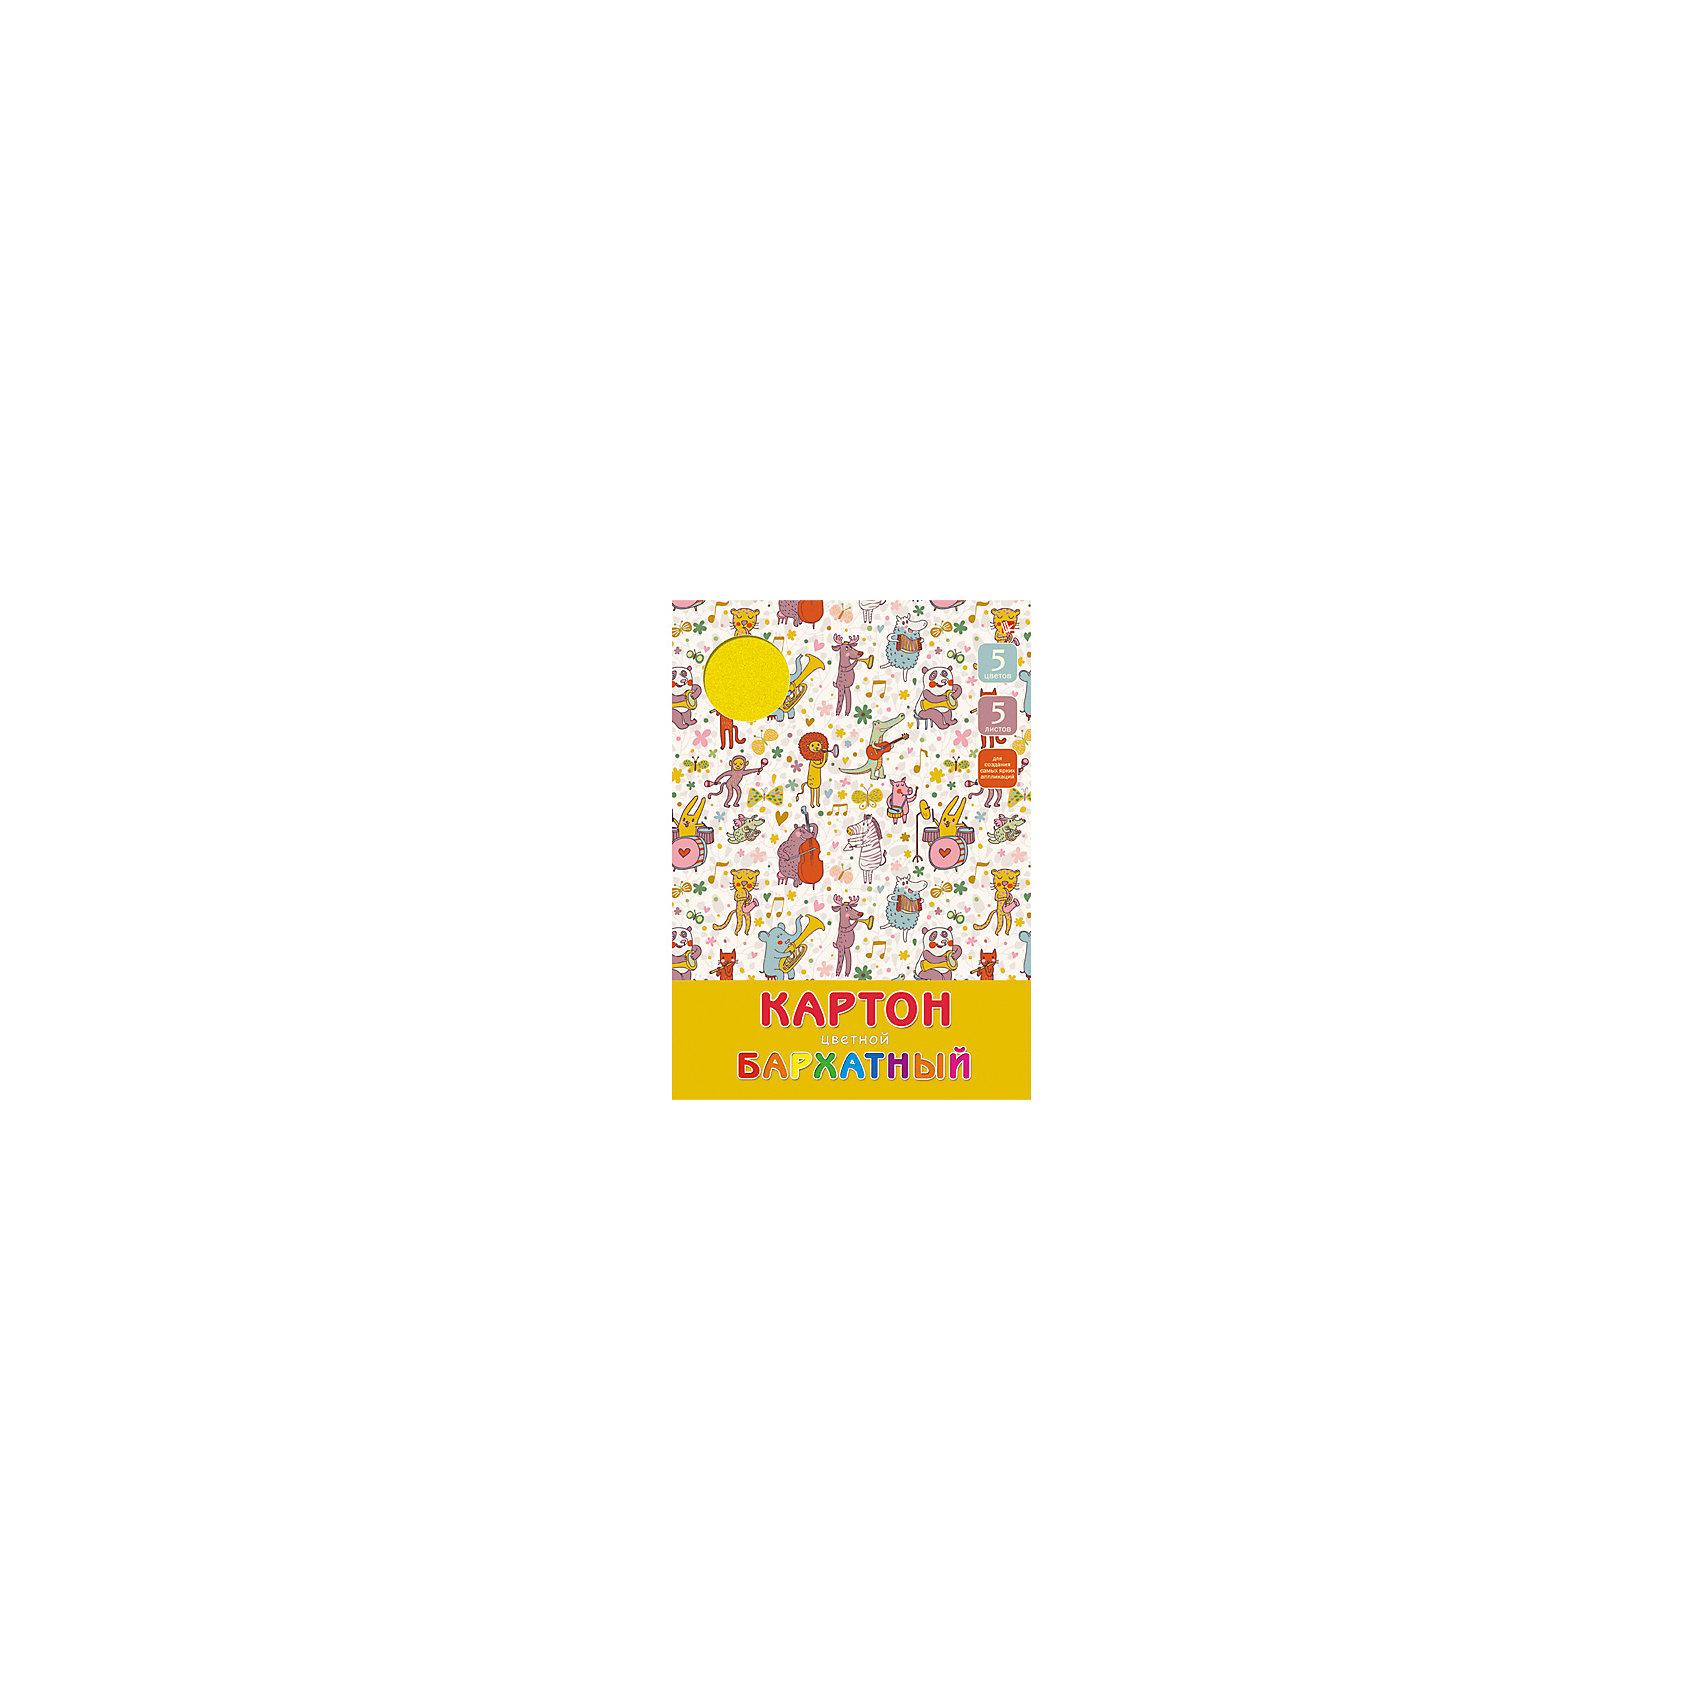 Бархатный цветной картон Звери-музыканты, 5л. 5цв.Бархатный цветной картон Звери-музыканты отлично подойдет для детского творчества и создания интересных композиций. Яркая обложка и качественные материалы понравятся ребенку и помогут сотворить самые прекрасные поделки.<br><br>Дополнительная информация:<br>В комплекте: 5 разноцветных листов бархатного картона<br>Обложка: картон<br>Формат: А4<br>Бархатный цветной картон Звери-музыканты можно приобрести в нашем интернет-магазине.<br><br>Ширина мм: 280<br>Глубина мм: 200<br>Высота мм: 5<br>Вес г: 123<br>Возраст от месяцев: 72<br>Возраст до месяцев: 2147483647<br>Пол: Унисекс<br>Возраст: Детский<br>SKU: 4942462